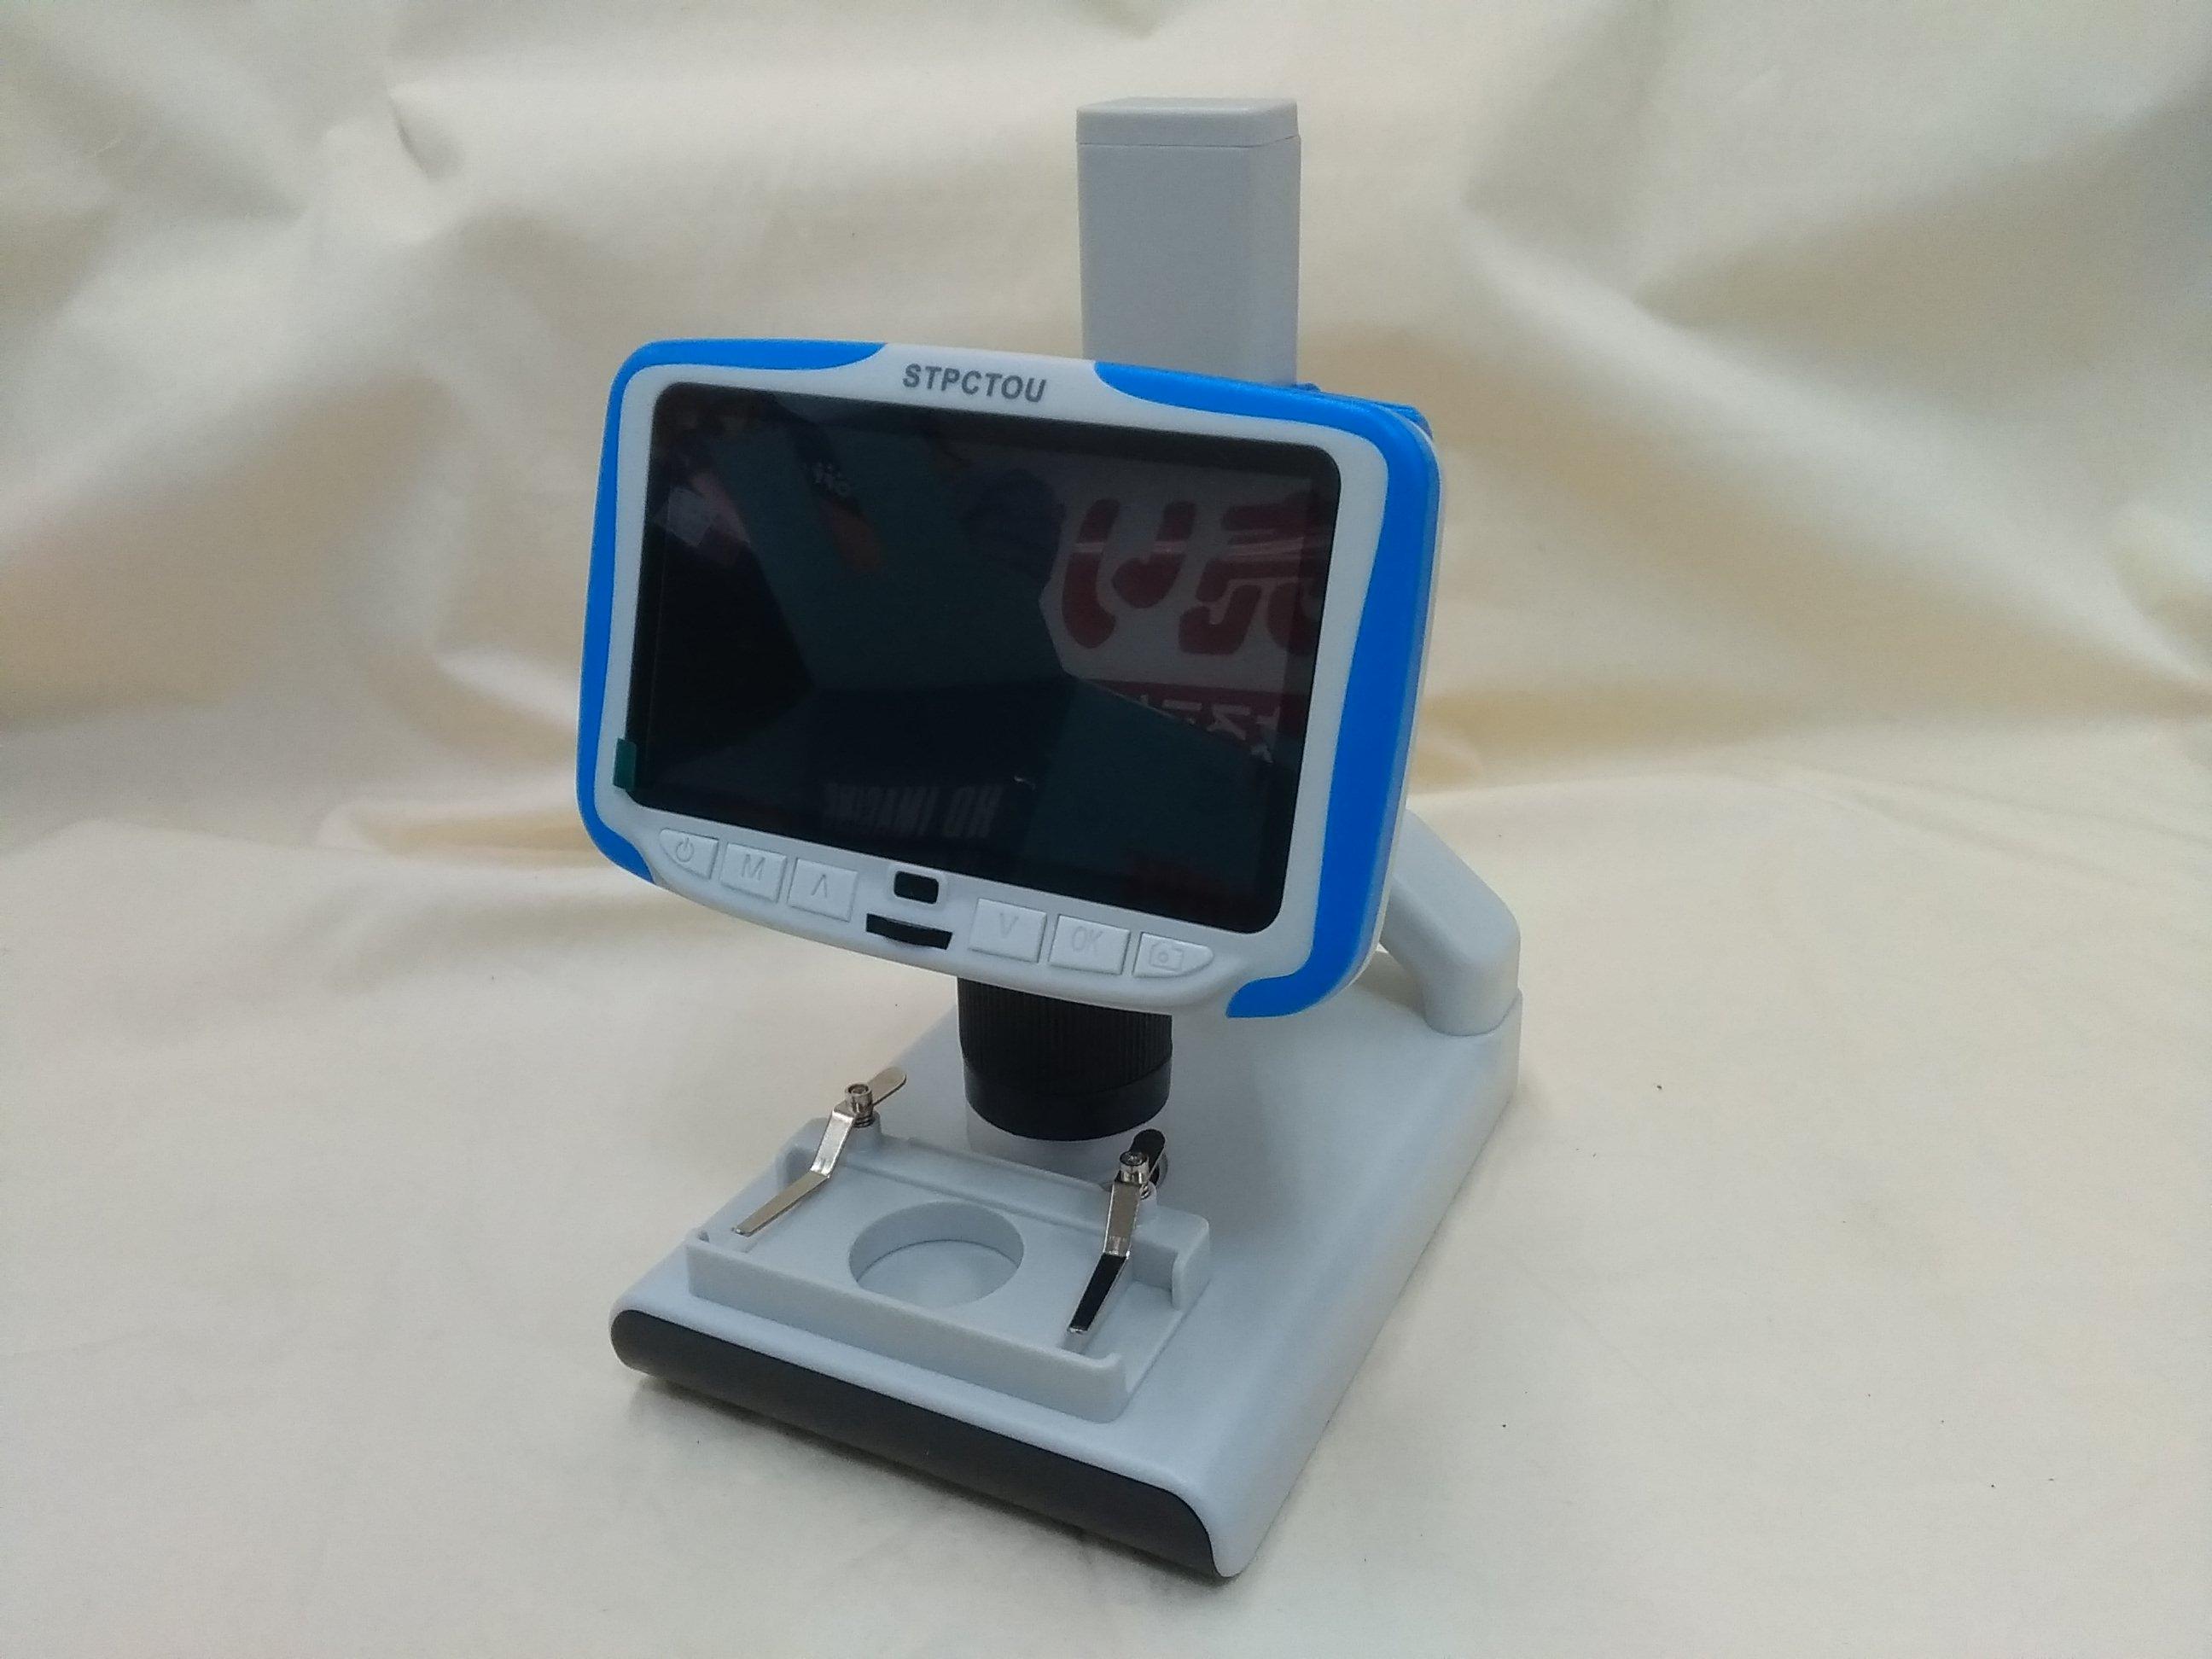 LCDデジタル顕微鏡 5インチFHD STPCTOU